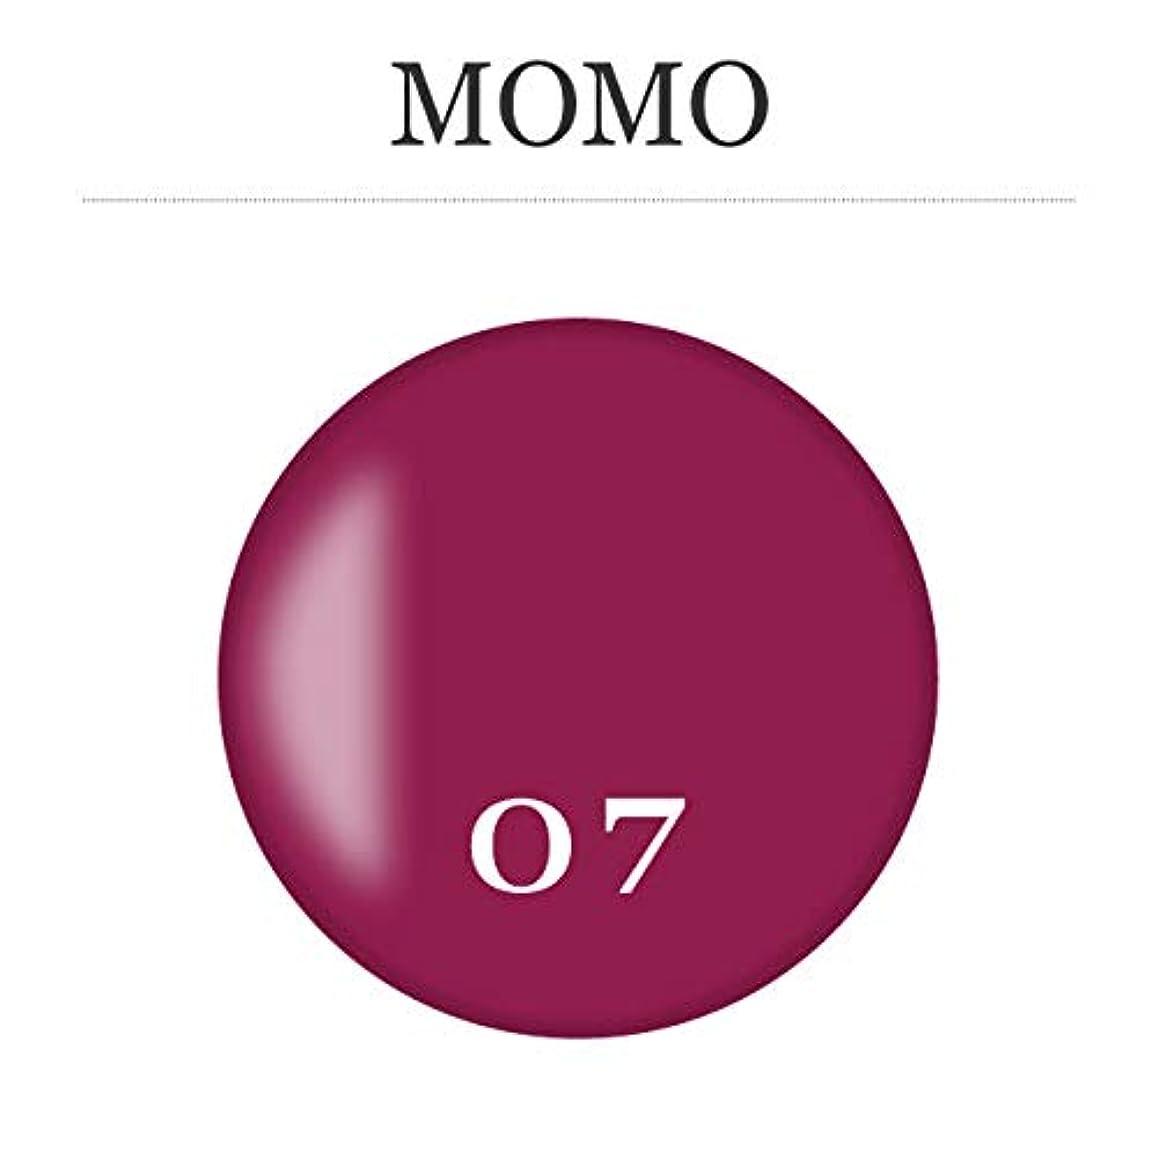 折る強制法律カラージェル MOMO-07 by nail for all